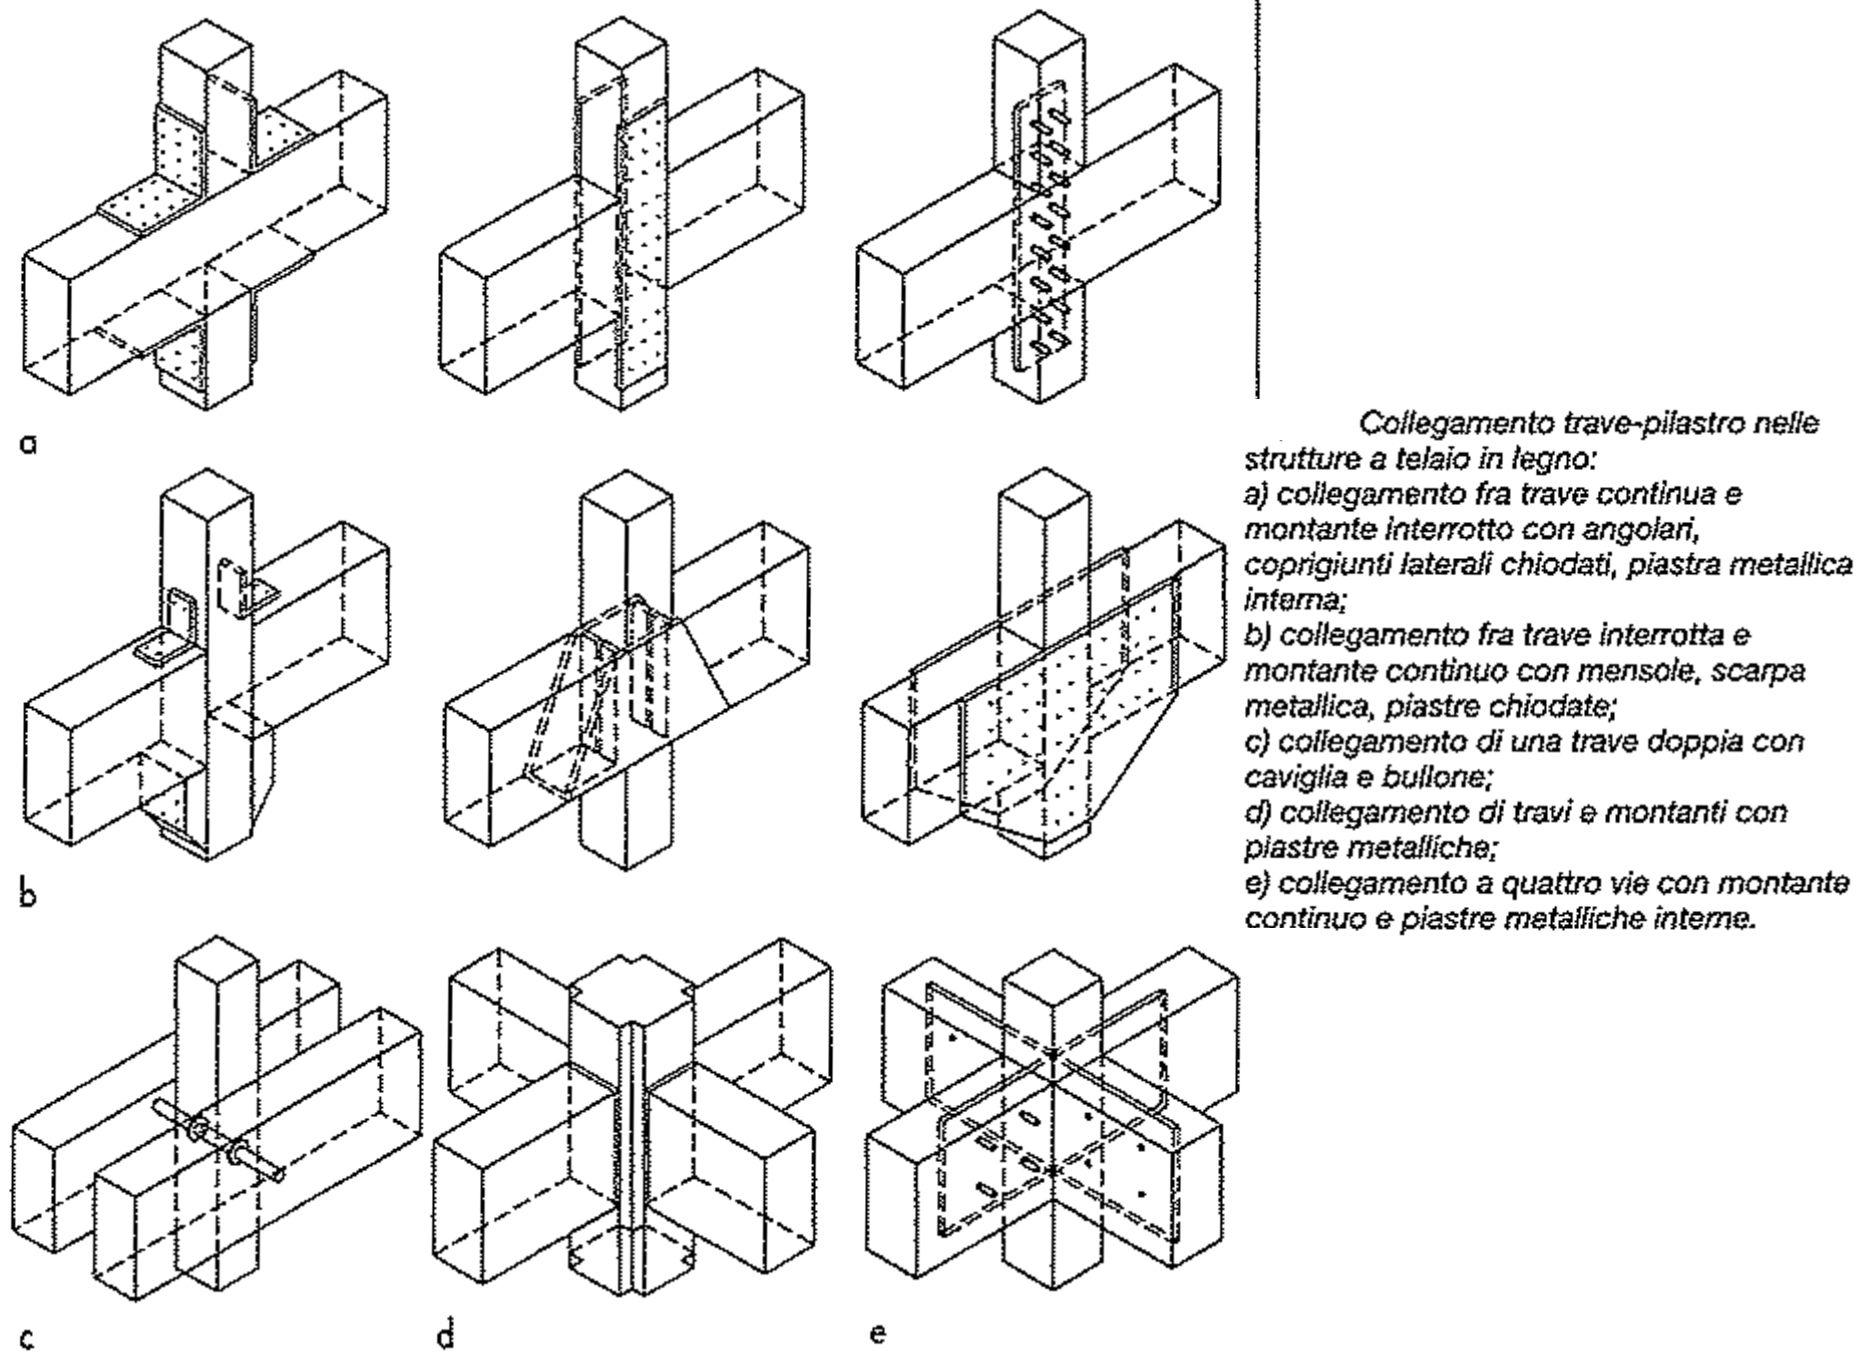 Schema Collegamento Nest : Schema collegamento trave e pilastro delle strutture a telaio